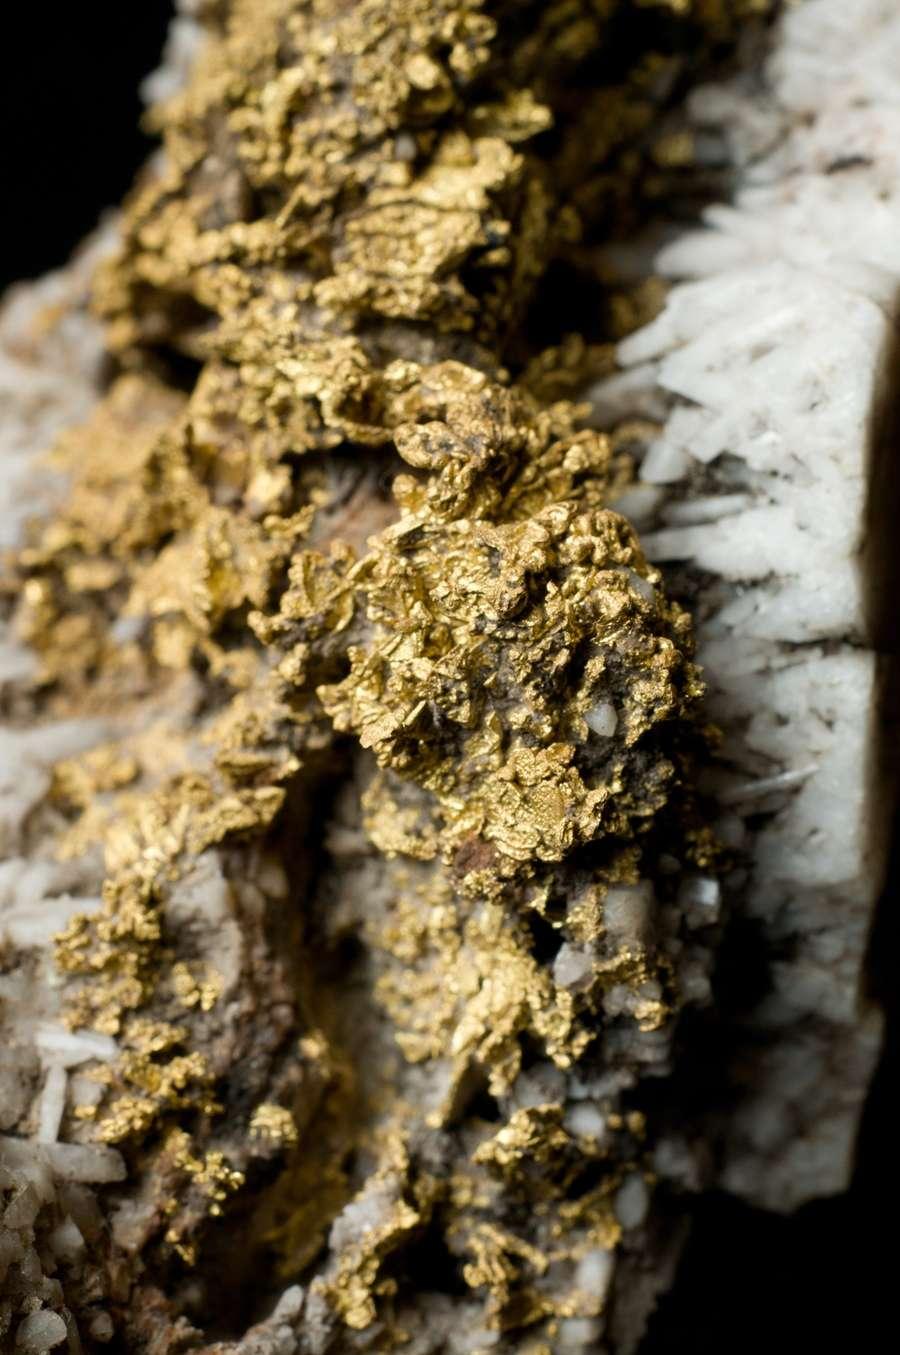 On peut extraire l'or par lixiviation avec une solution de cyanure en introduisant de l'air, si bien que l'on obtient un complexe de cyanure. L'extraction de l'or est toujours très polluante, mais certaines usines, de plus en plus, font attention et recyclent leurs matériaux : ici le sens de l'économie rejoint l'écologie pour une fois ! © Ra'ike, GNU 1.2